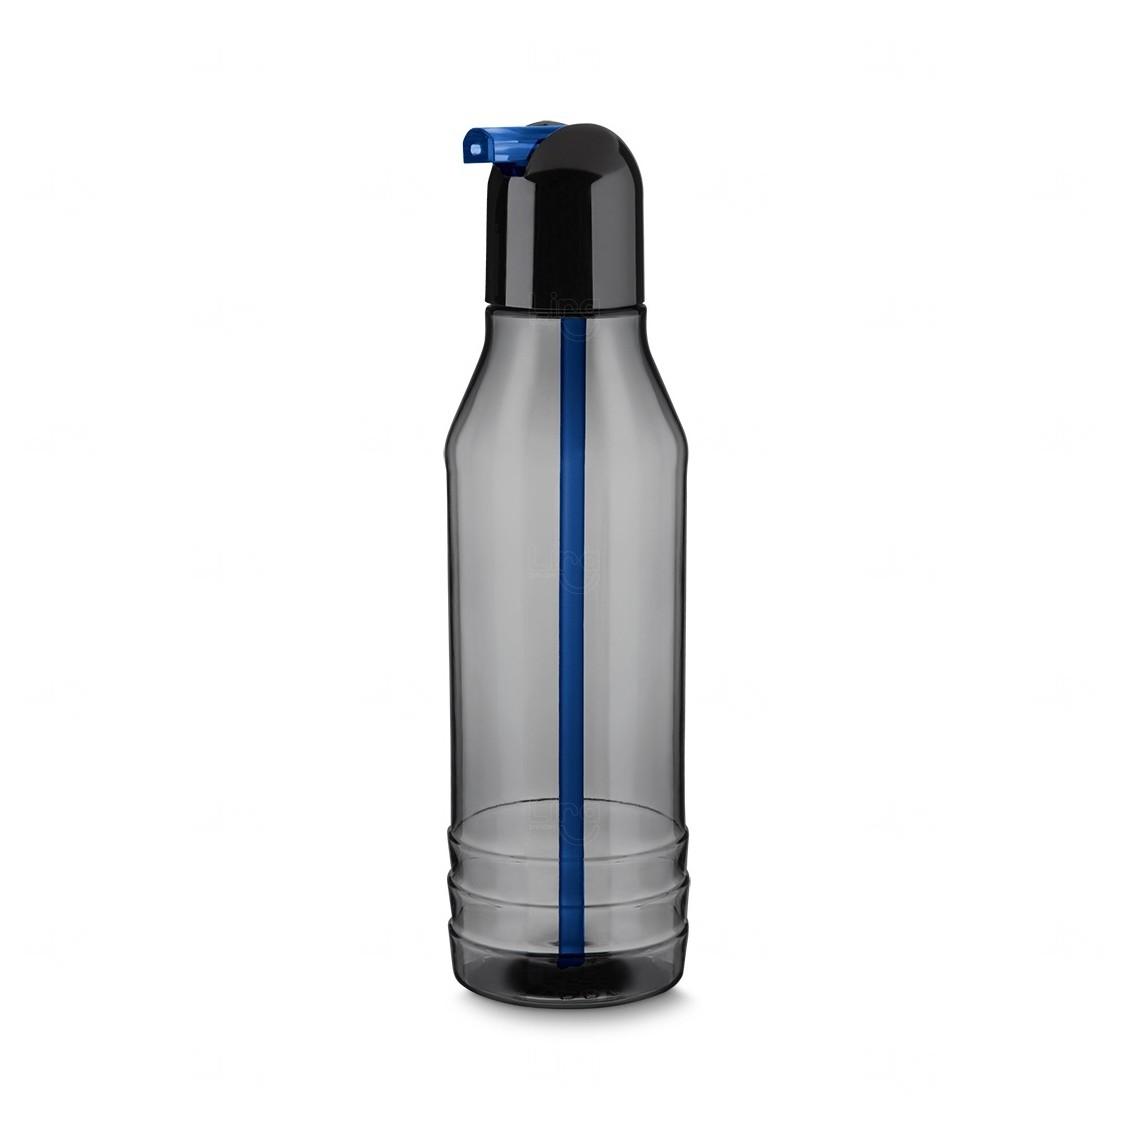 Garrafa Squeeze Plástico Personalizada - 600 ml Azul